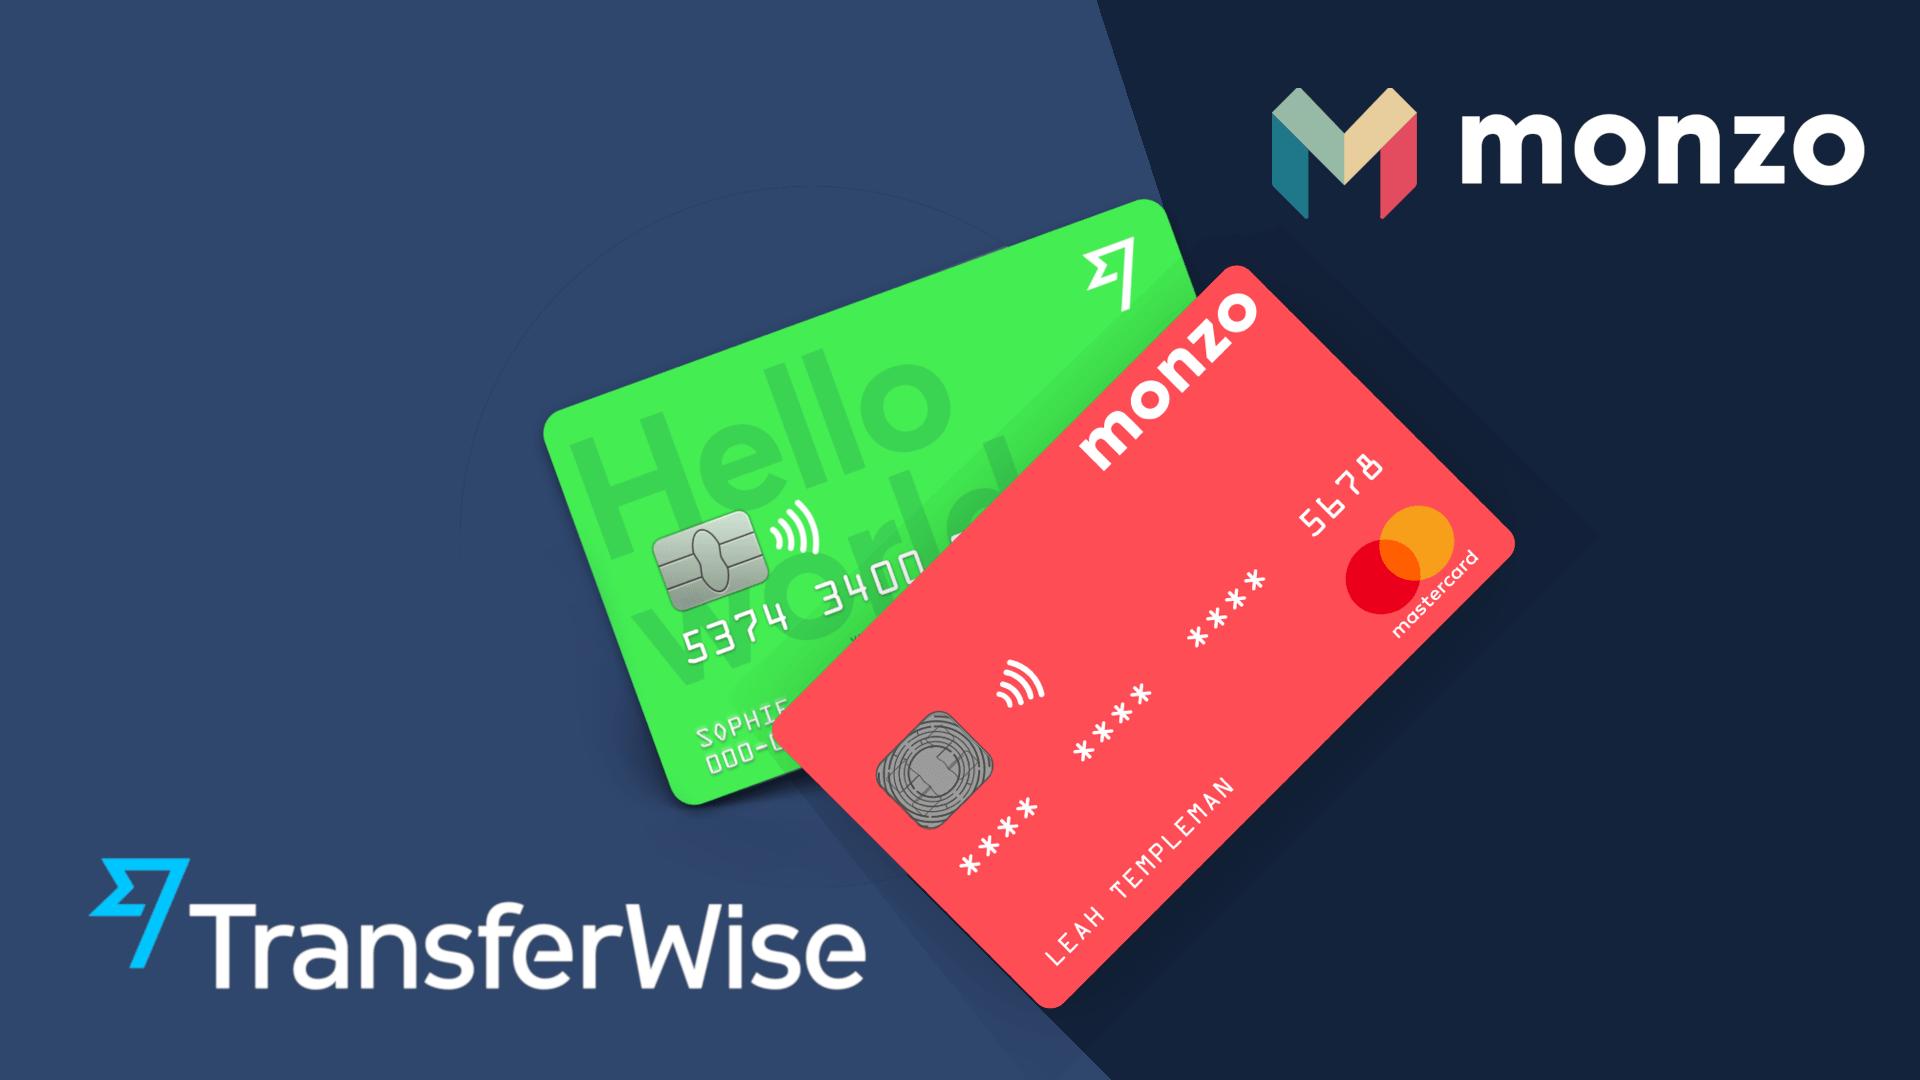 Monzo + TransferWise